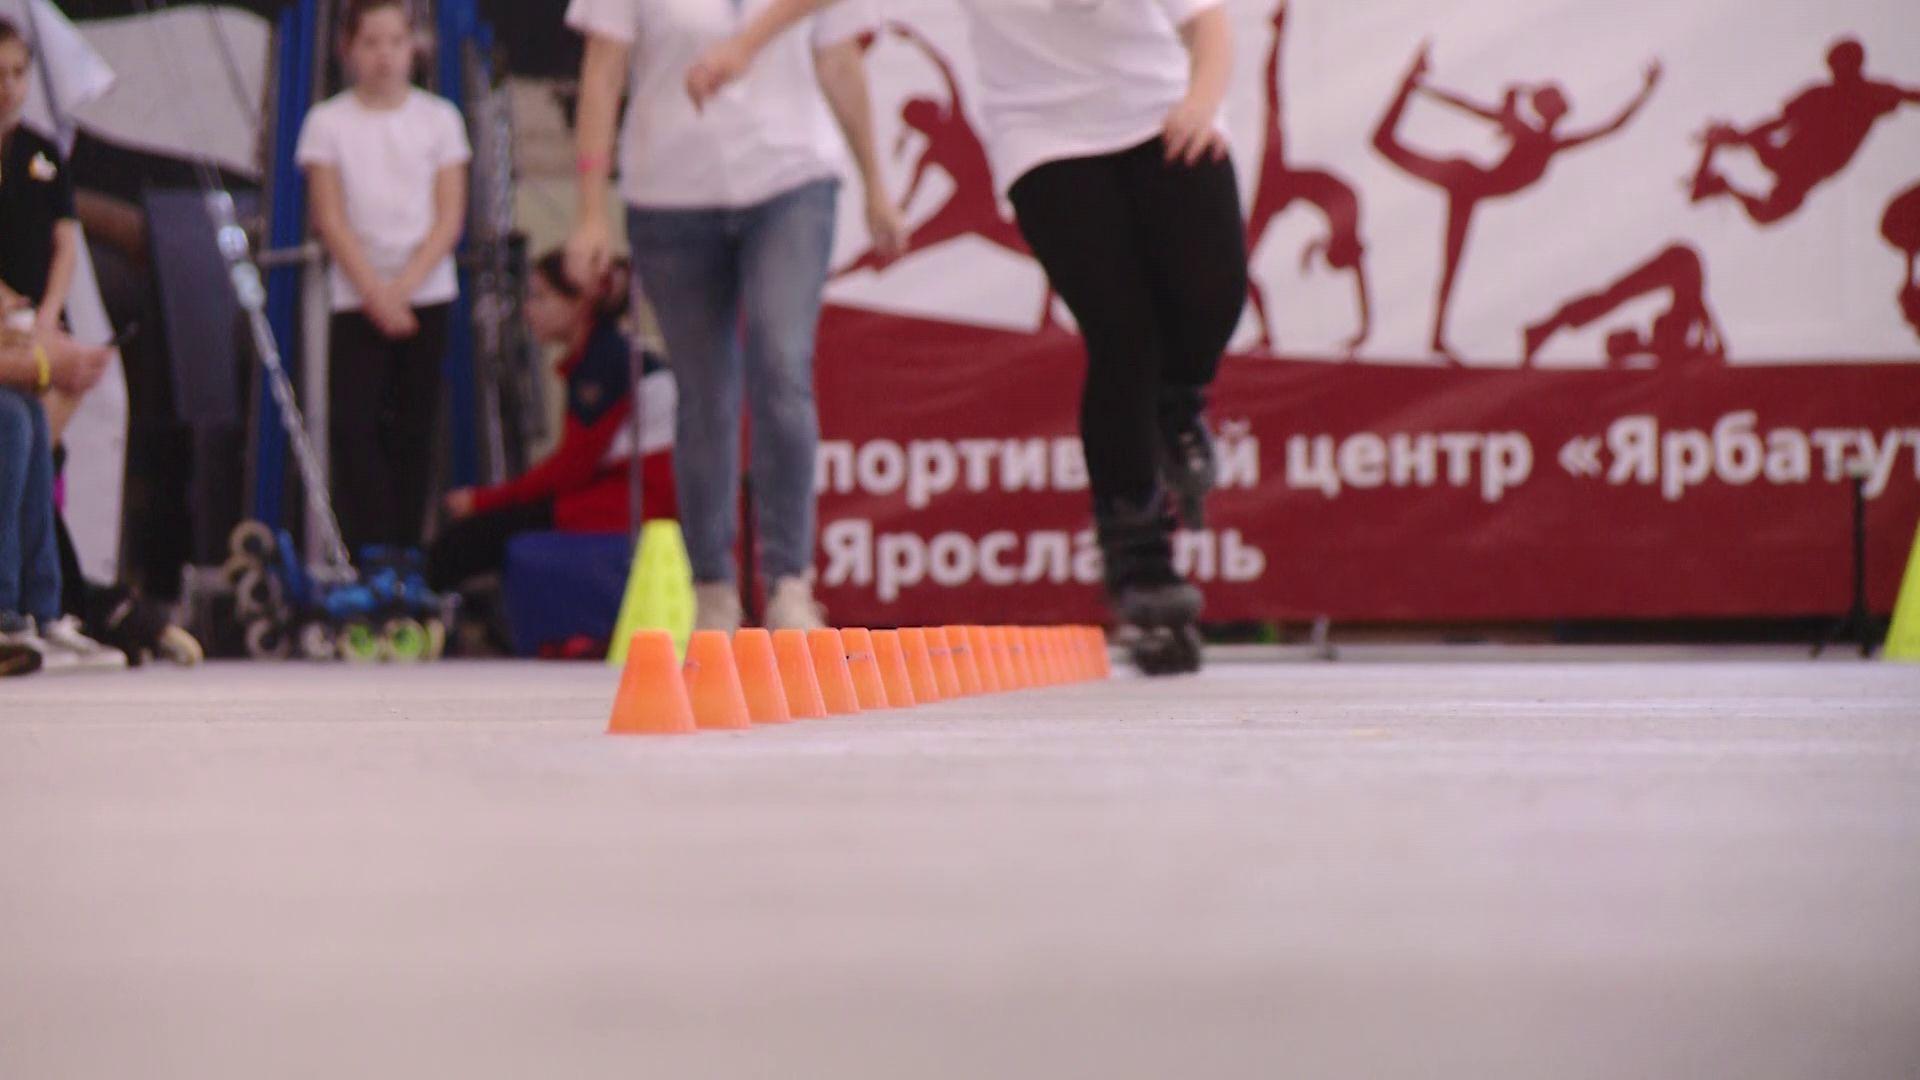 Ярославец побил собственное достижение на чемпионате страны по роллер-спорту